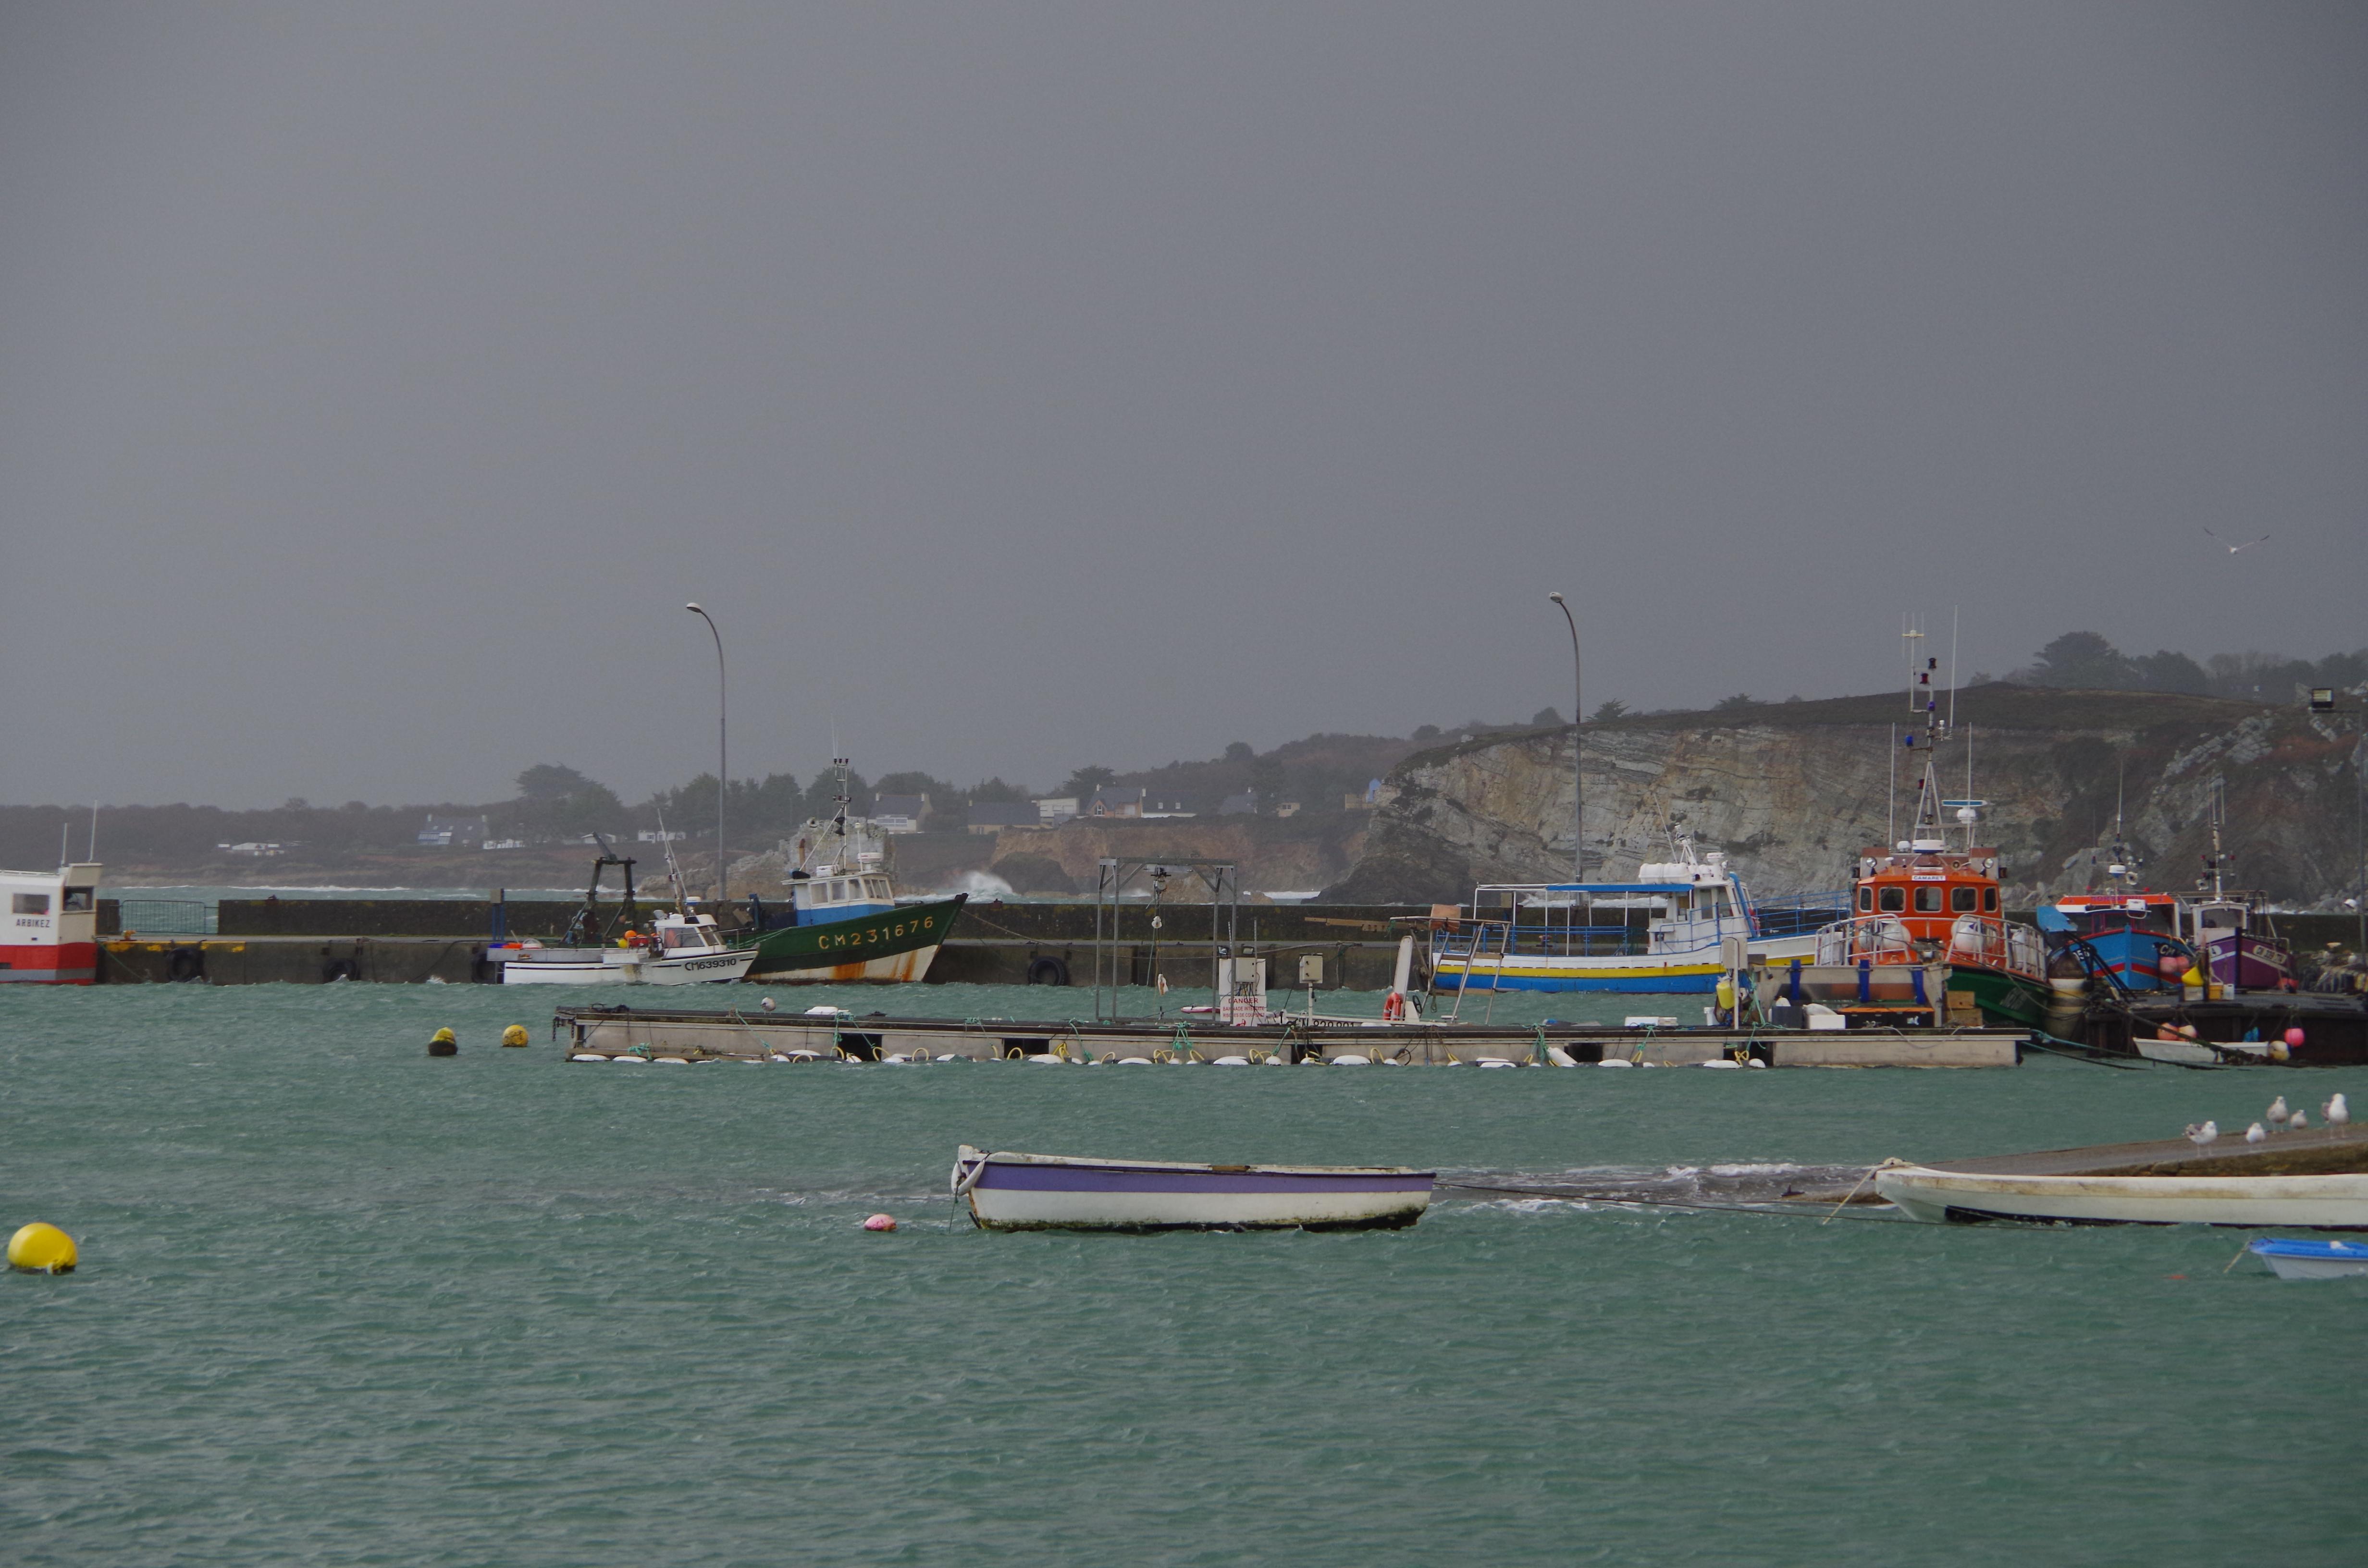 Port de pêche de Camaret